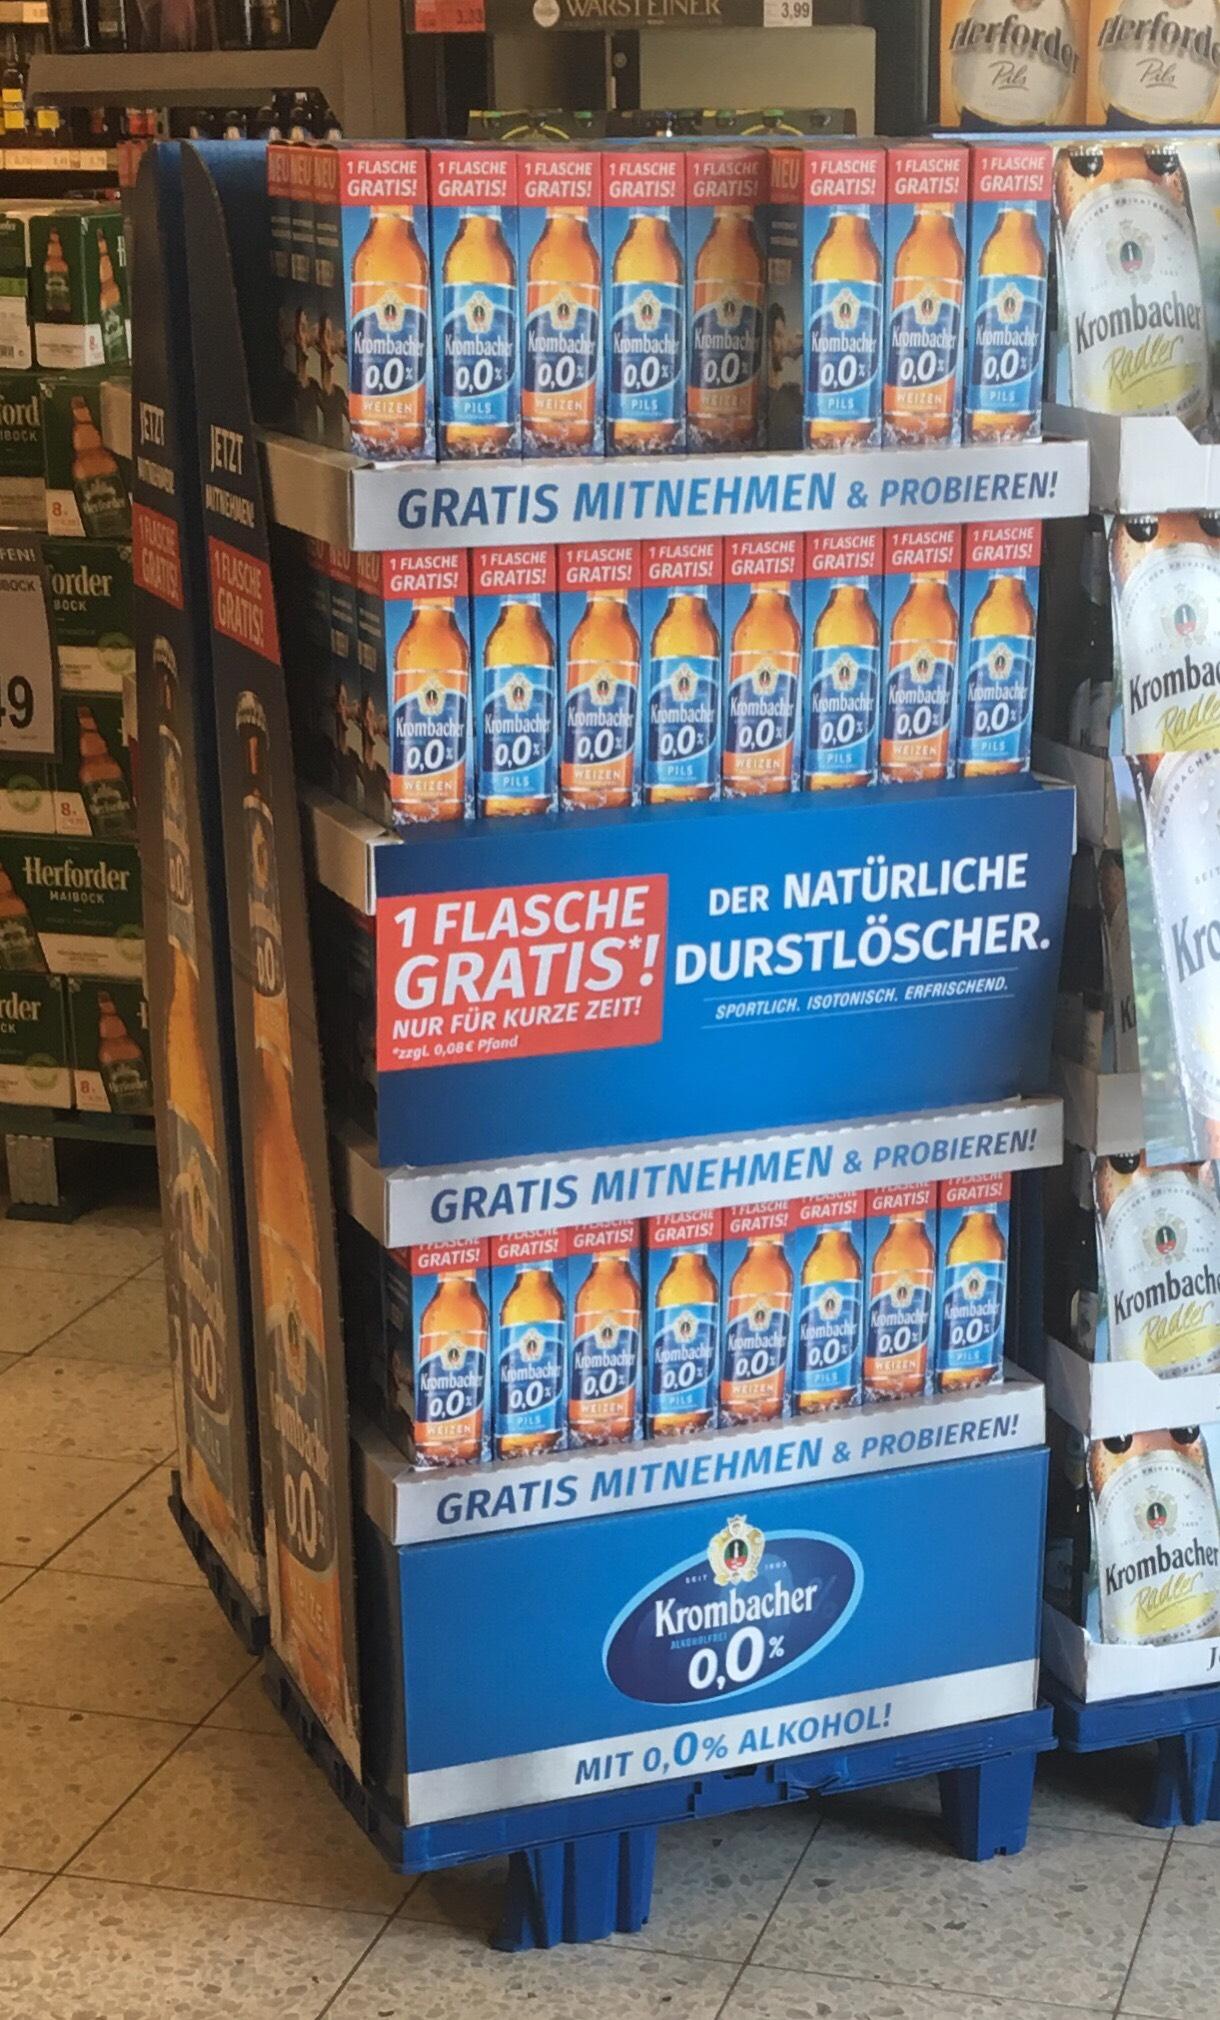 Lokal Steinhagen Combi - gratis Krombacher Pils/Weizen 0,0%